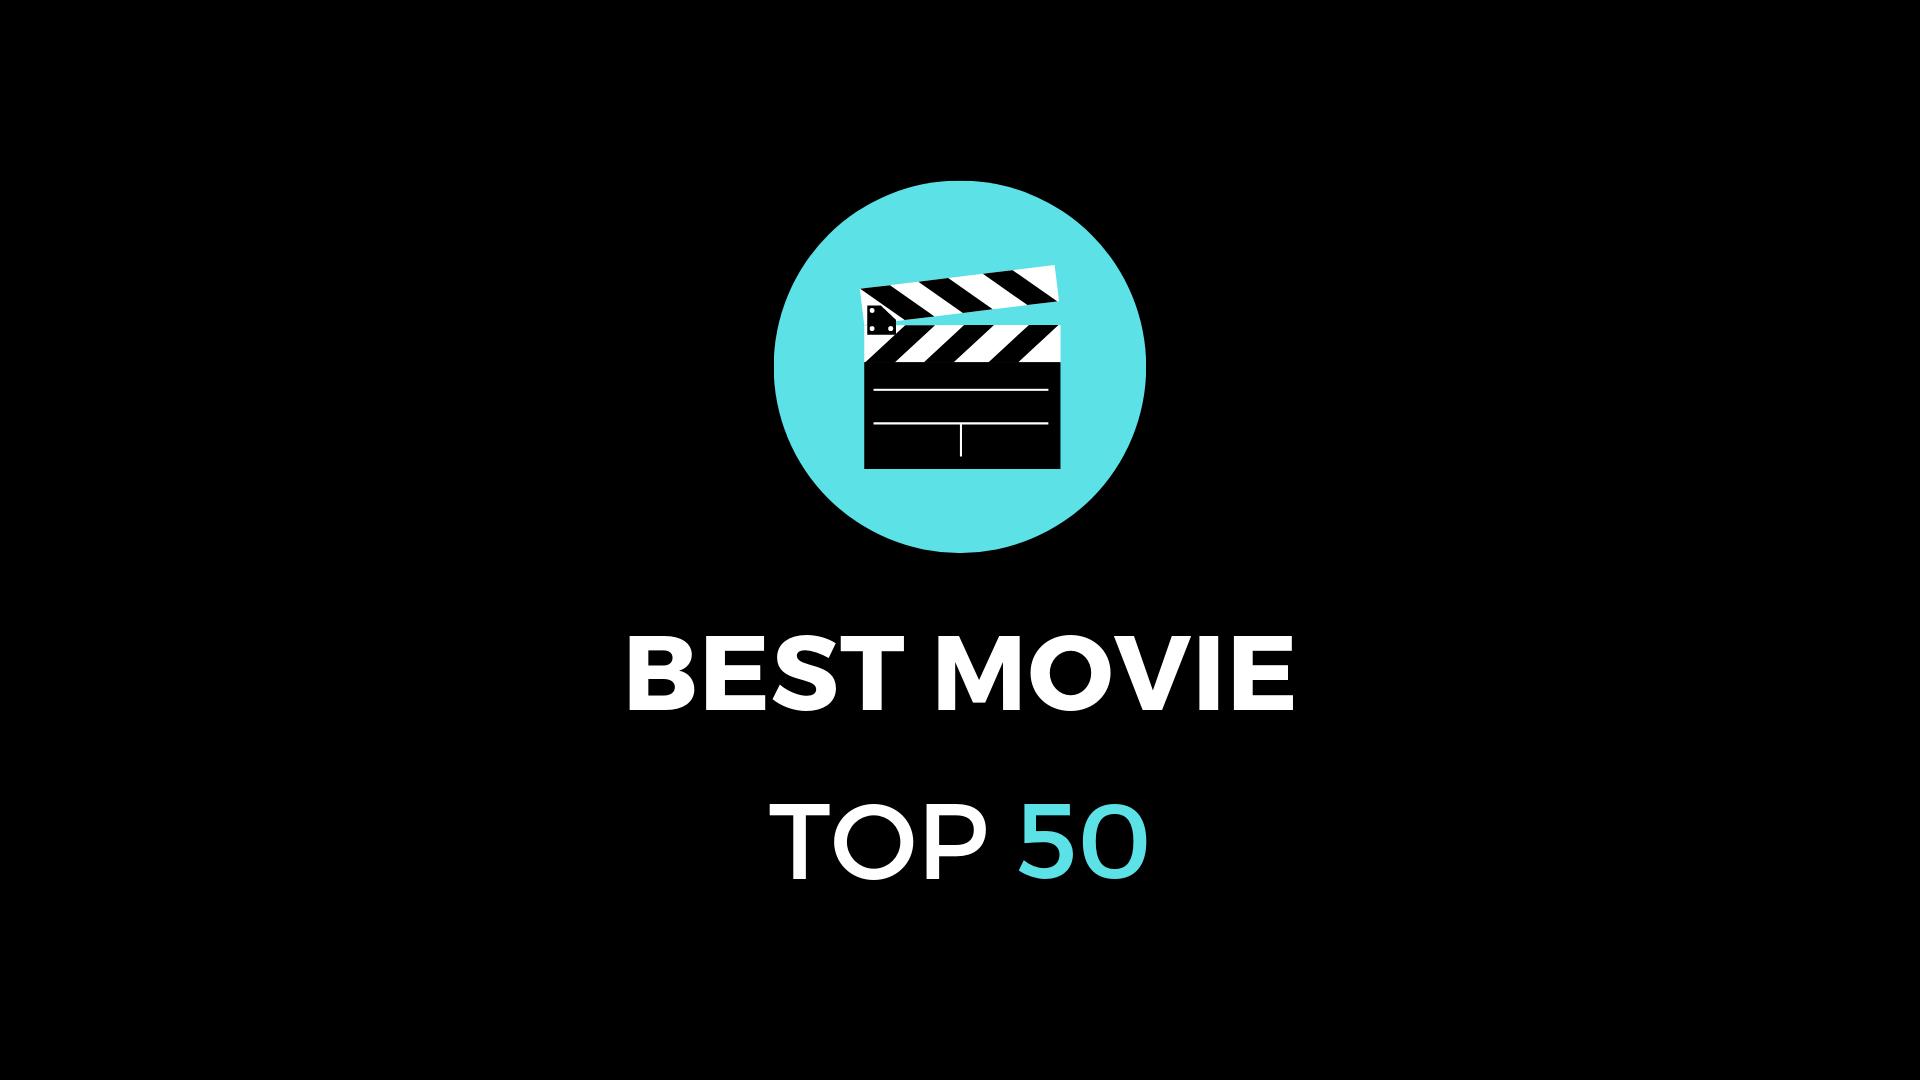 元シネコン社員が選ぶ【本当におすすめの最高傑作映画ランキング50】